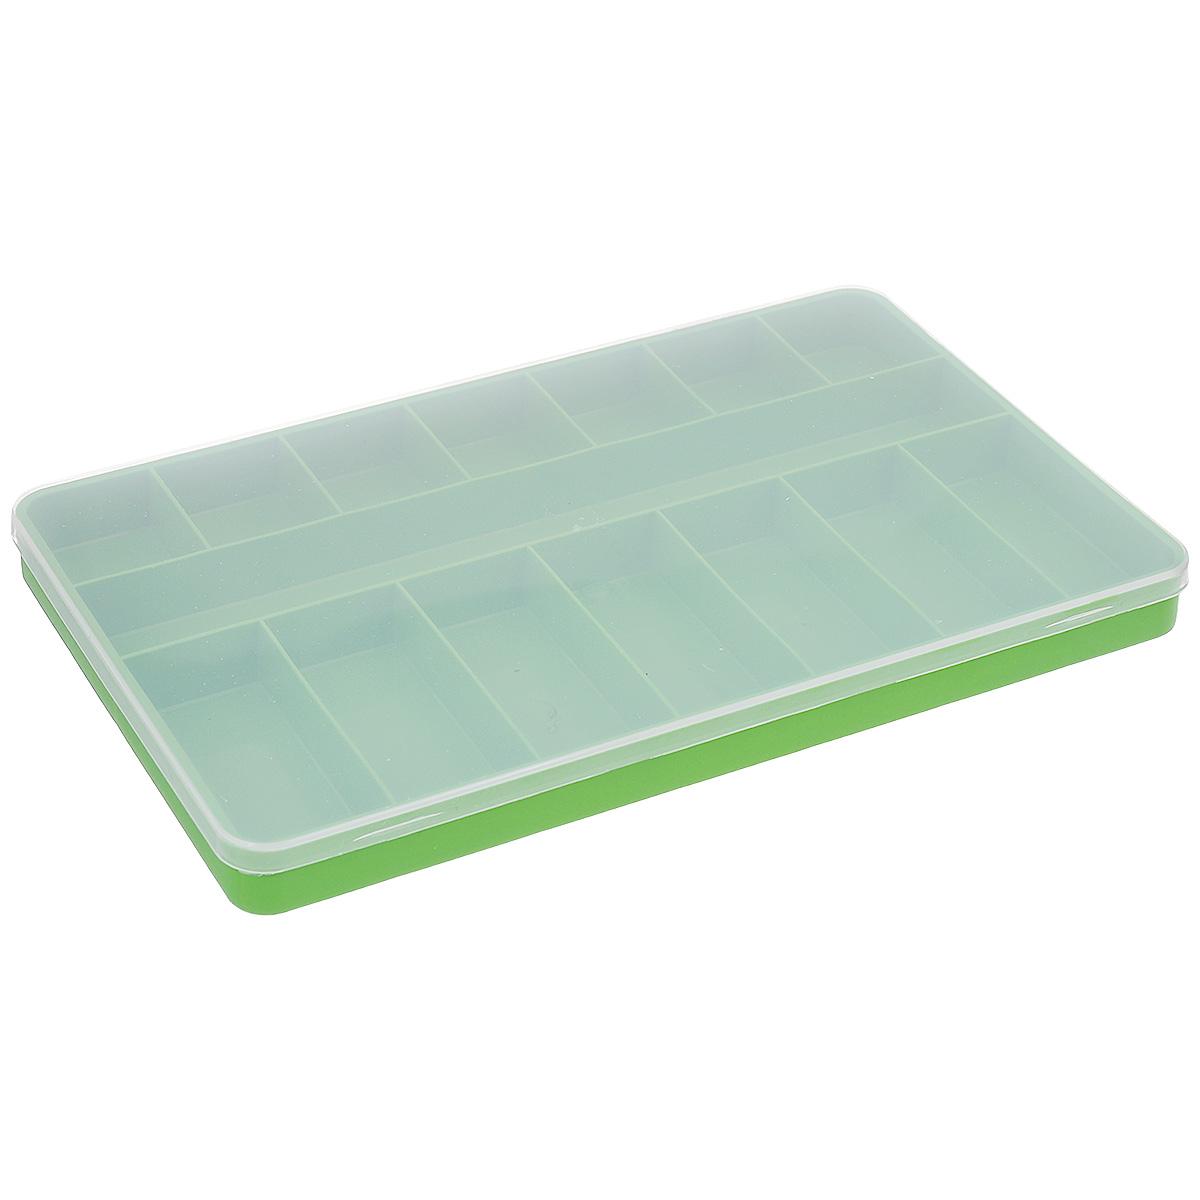 Коробка для мелочей Trivol, цвет: зеленый, прозрачный, 23,5 х 15 х 2 см677255Коробка для мелочей Trivol изготовлена из высококачественного пластика. Прозрачная крышка позволяет видеть содержимое коробки. Изделие имеет 15 ячеек разного размера. Коробка прекрасно подойдет для хранения швейных принадлежностей, рыболовных снастей, мелких деталей и других бытовых мелочей. Удобный и надежный замок-защелка обеспечивает надежное закрывание крышки. Коробка легко моется и чистится. Такая коробка поможет держать вещи в порядке.Размер самой маленькой ячейки: 3,5 см х 4 см х 2 см.Размер самой большой ячейки: 22,5 см х 3 см х 2 см.